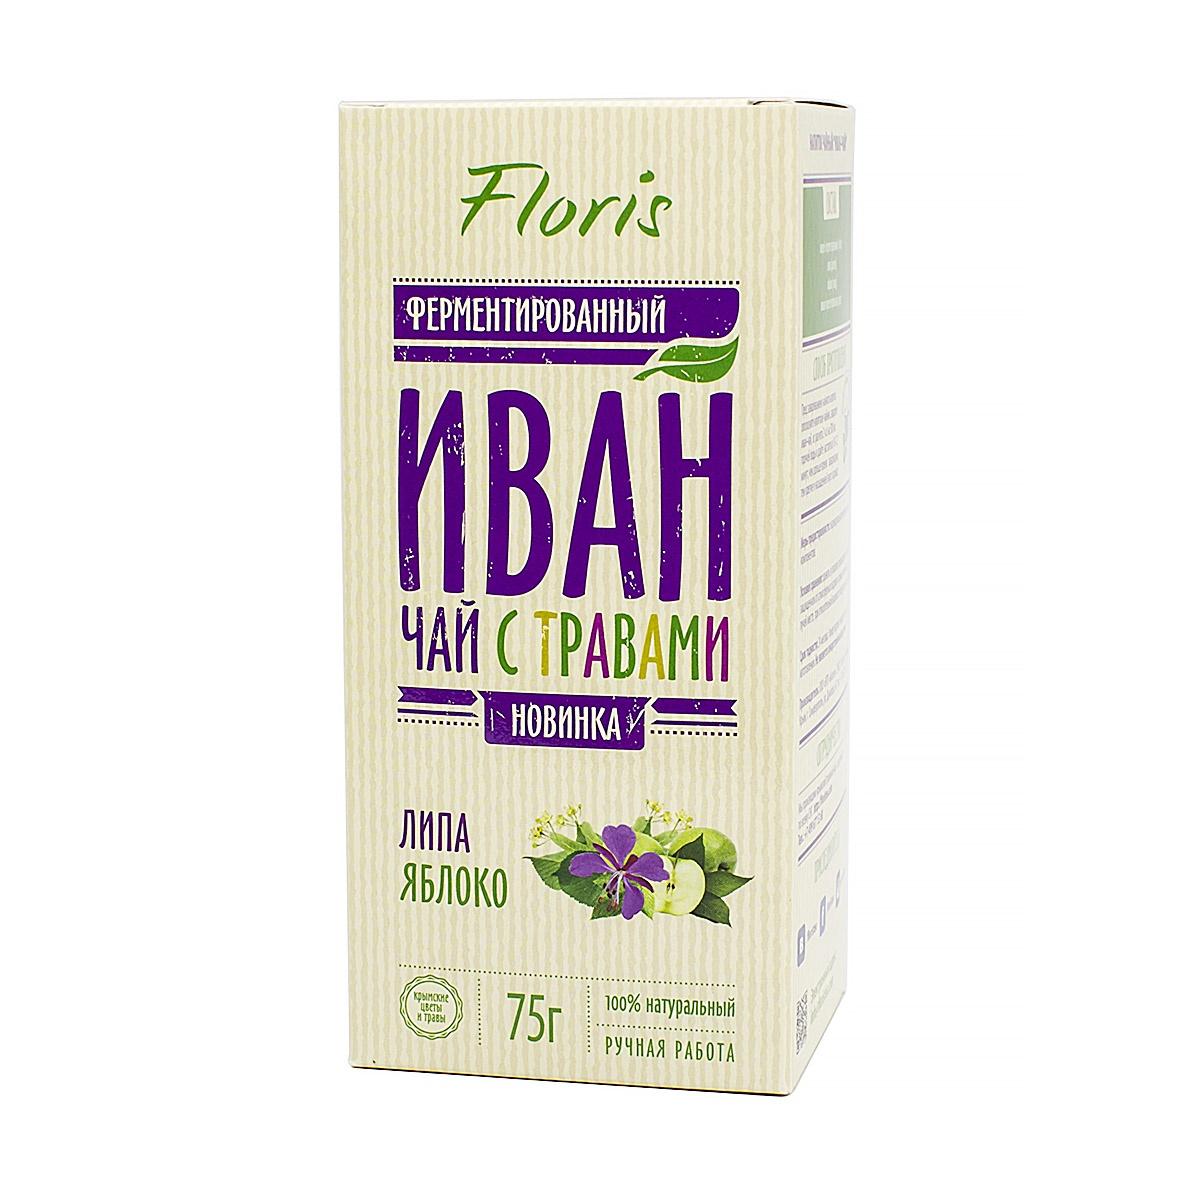 Иван-чай Floris с травами, 75 г floris набор конструктор чайный мастер черный чай с травами